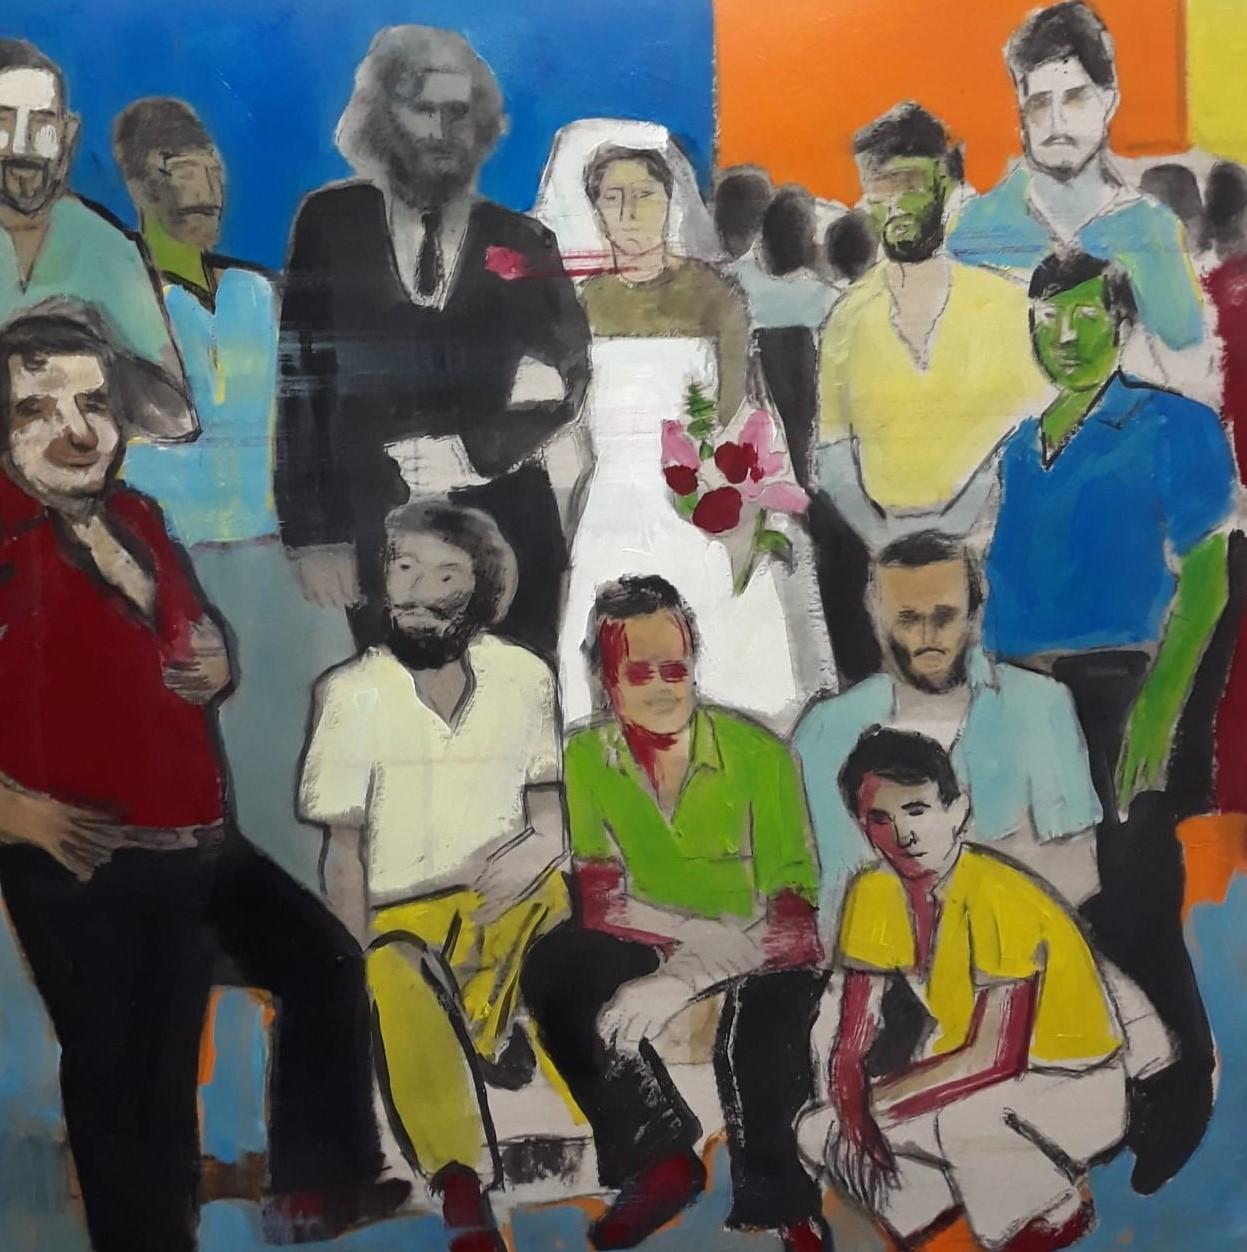 La boda II (2020) - Rafael Alvarado